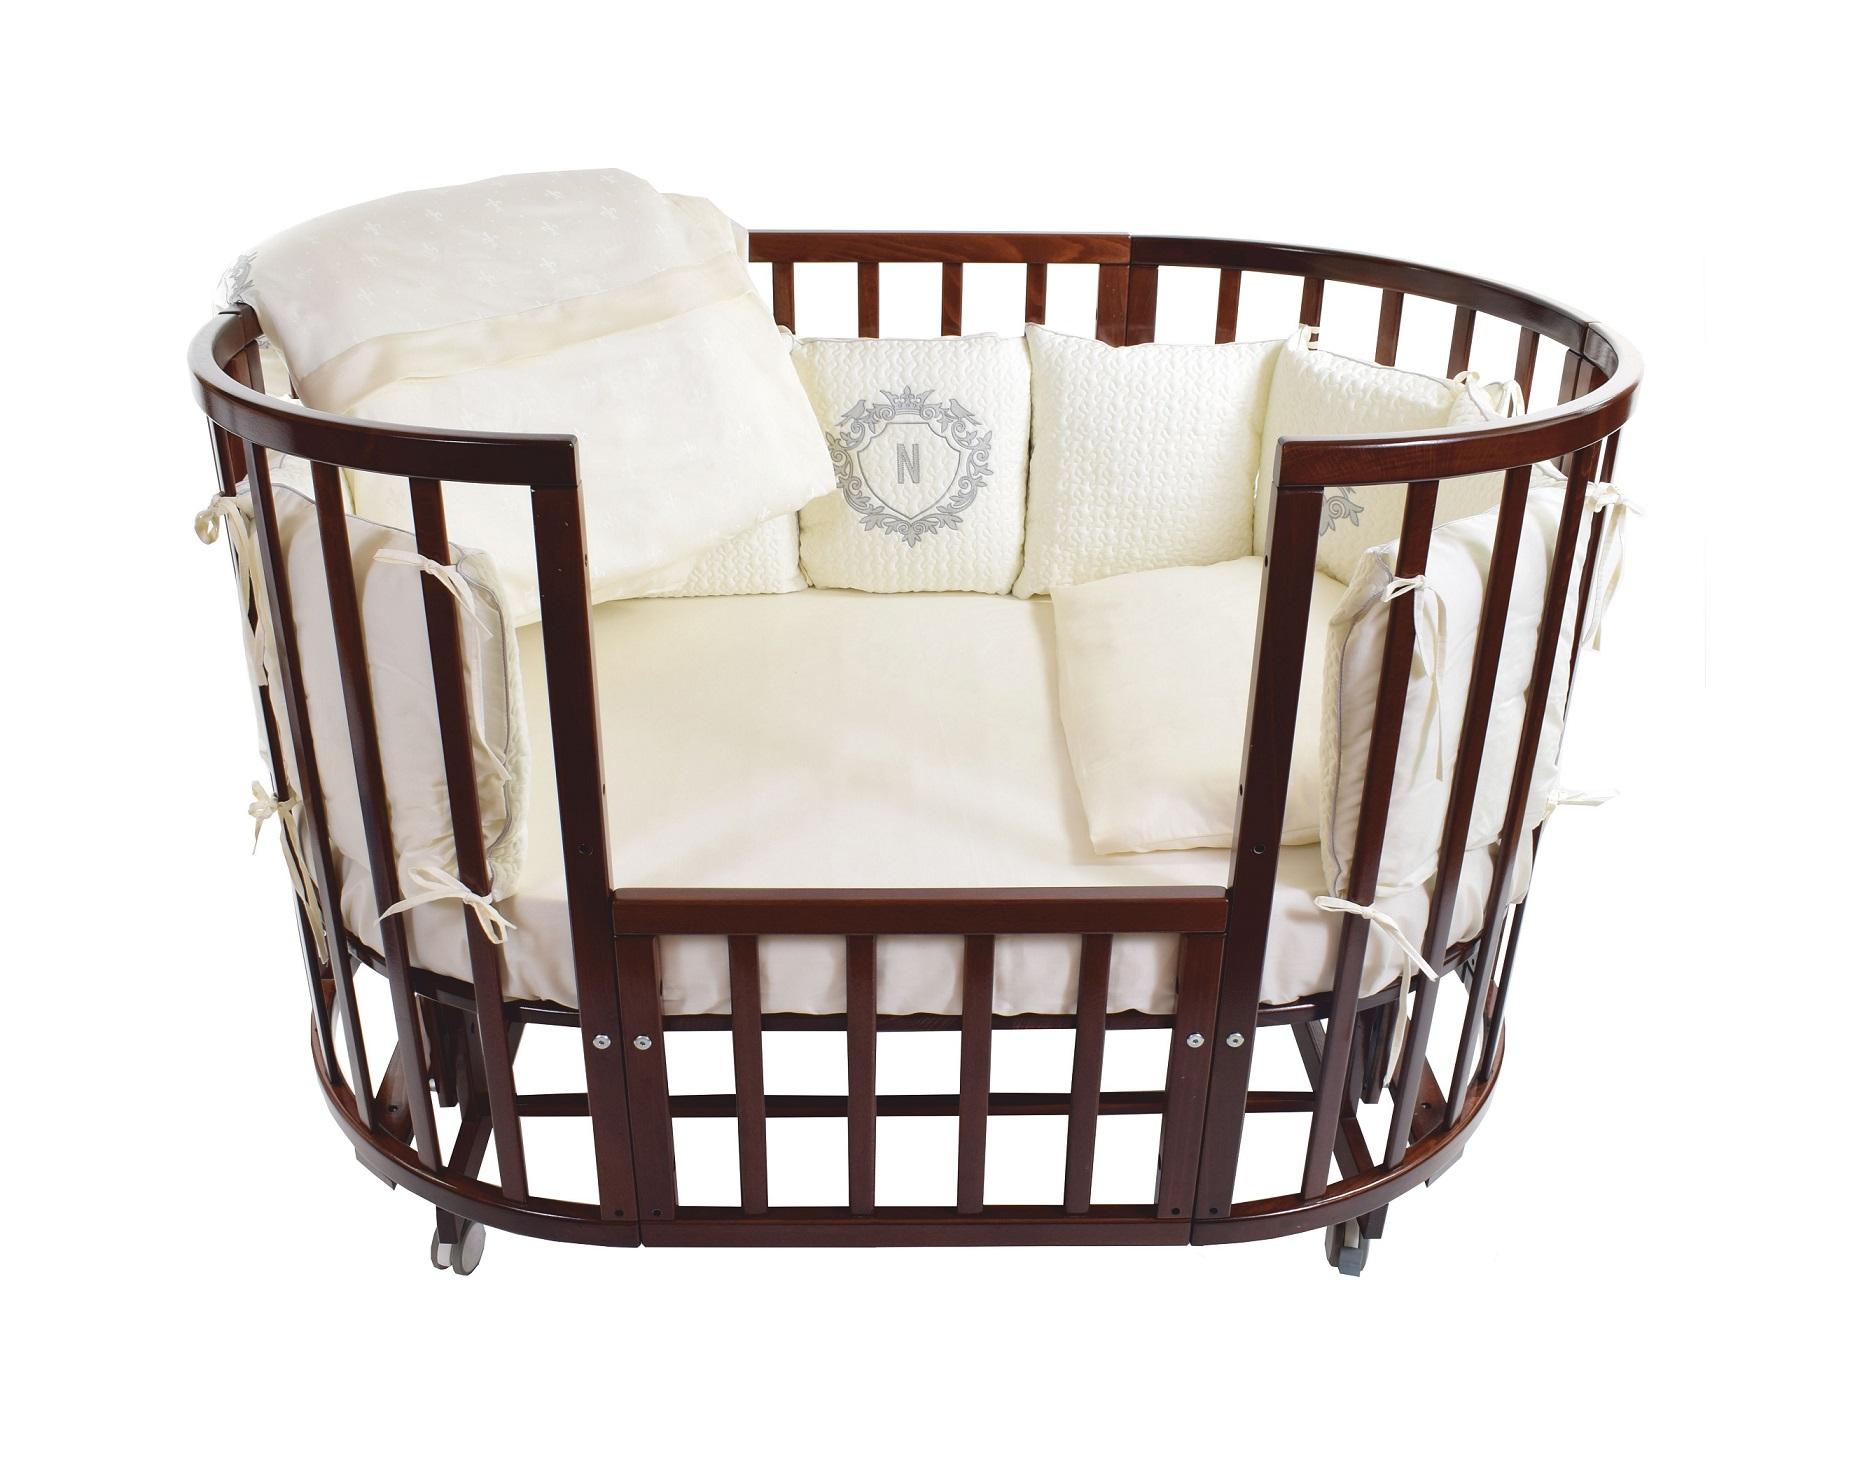 Купить Комплект в кроватку Nuovita Giardino reale, 6 предметов с бортиком из 12 подушек, цвет – шампань